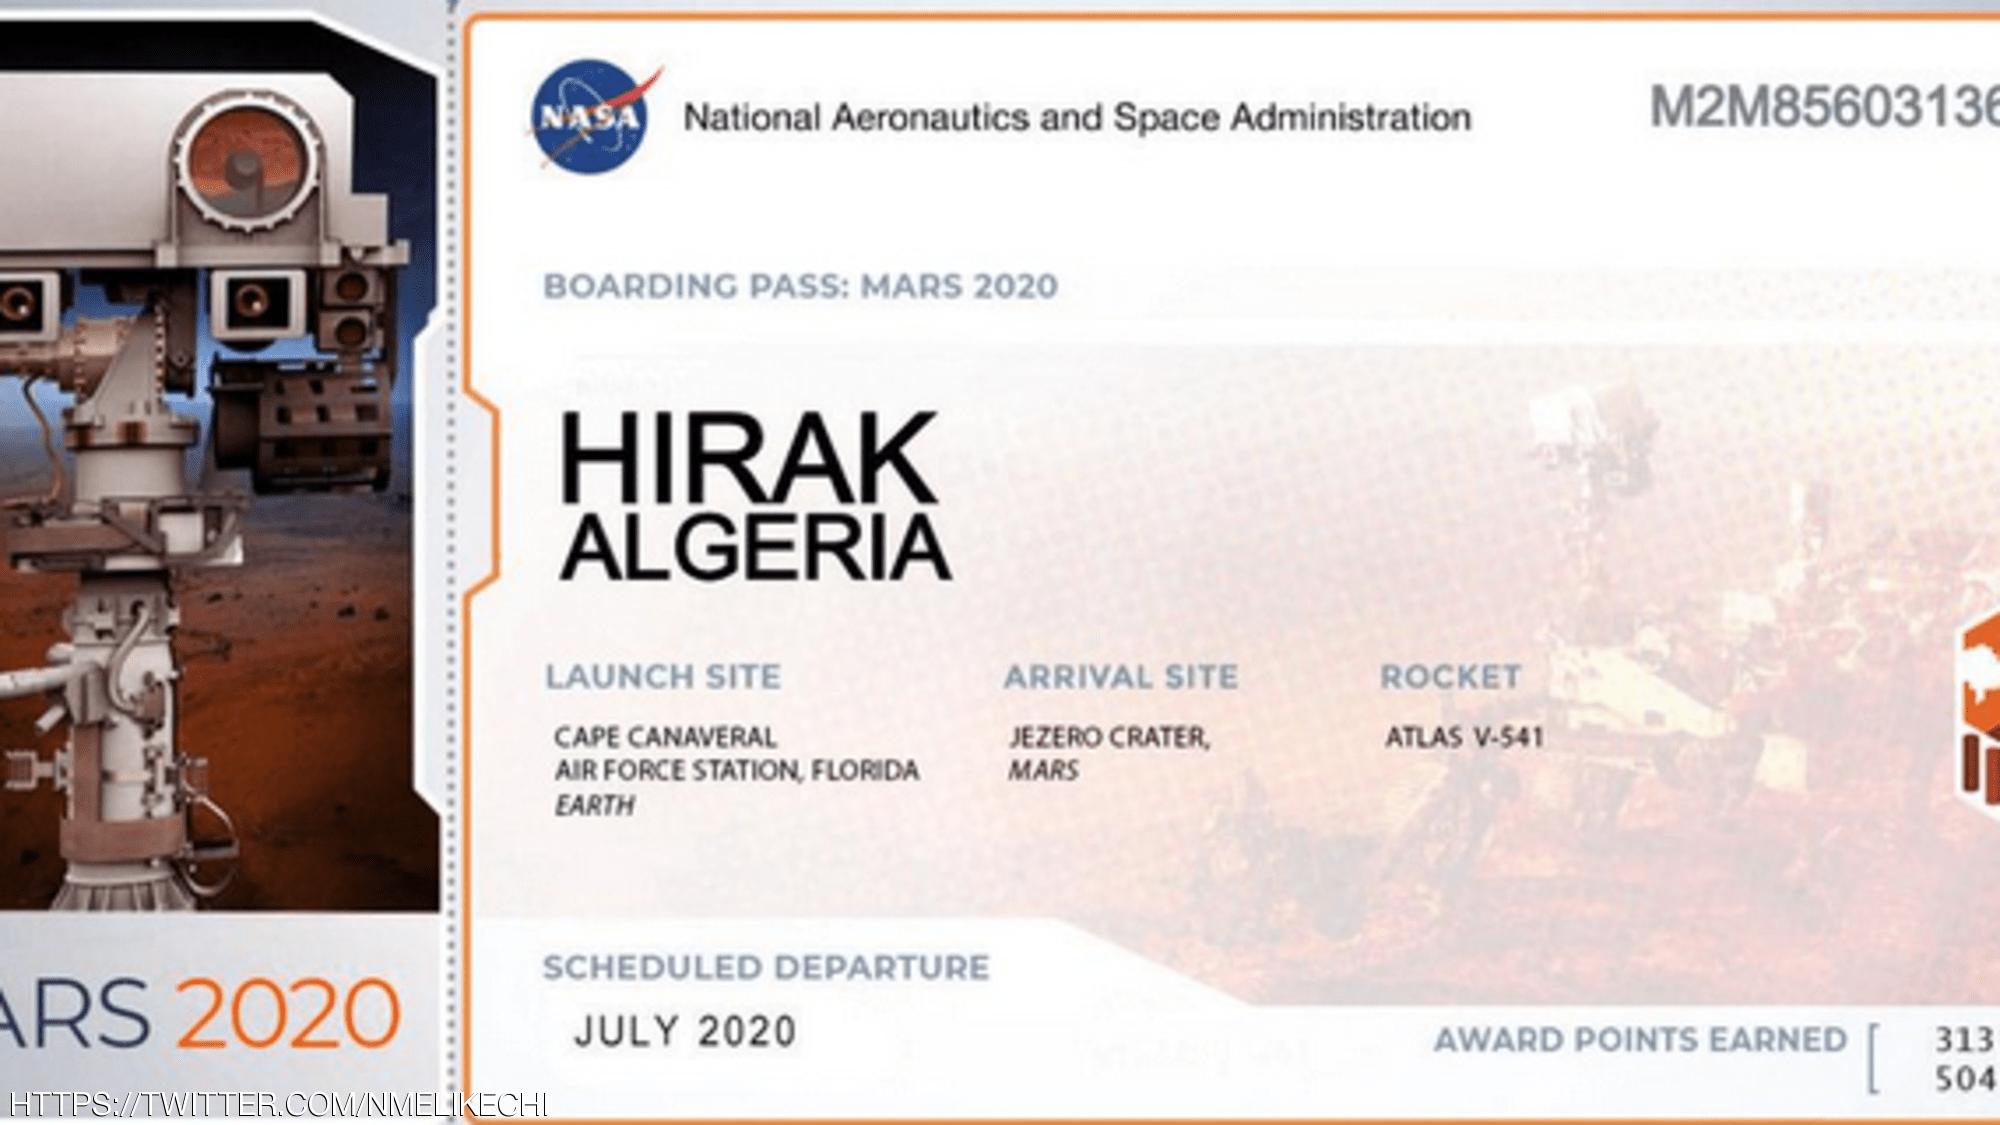 """وغرد عضو الجمعية الفيزيائية الأميركية المكلفة بترقية العلوم الفيزيائية في العالم، بالقول إن المركبة ستحمل اسم """"HIRAK ALGERIA""""."""